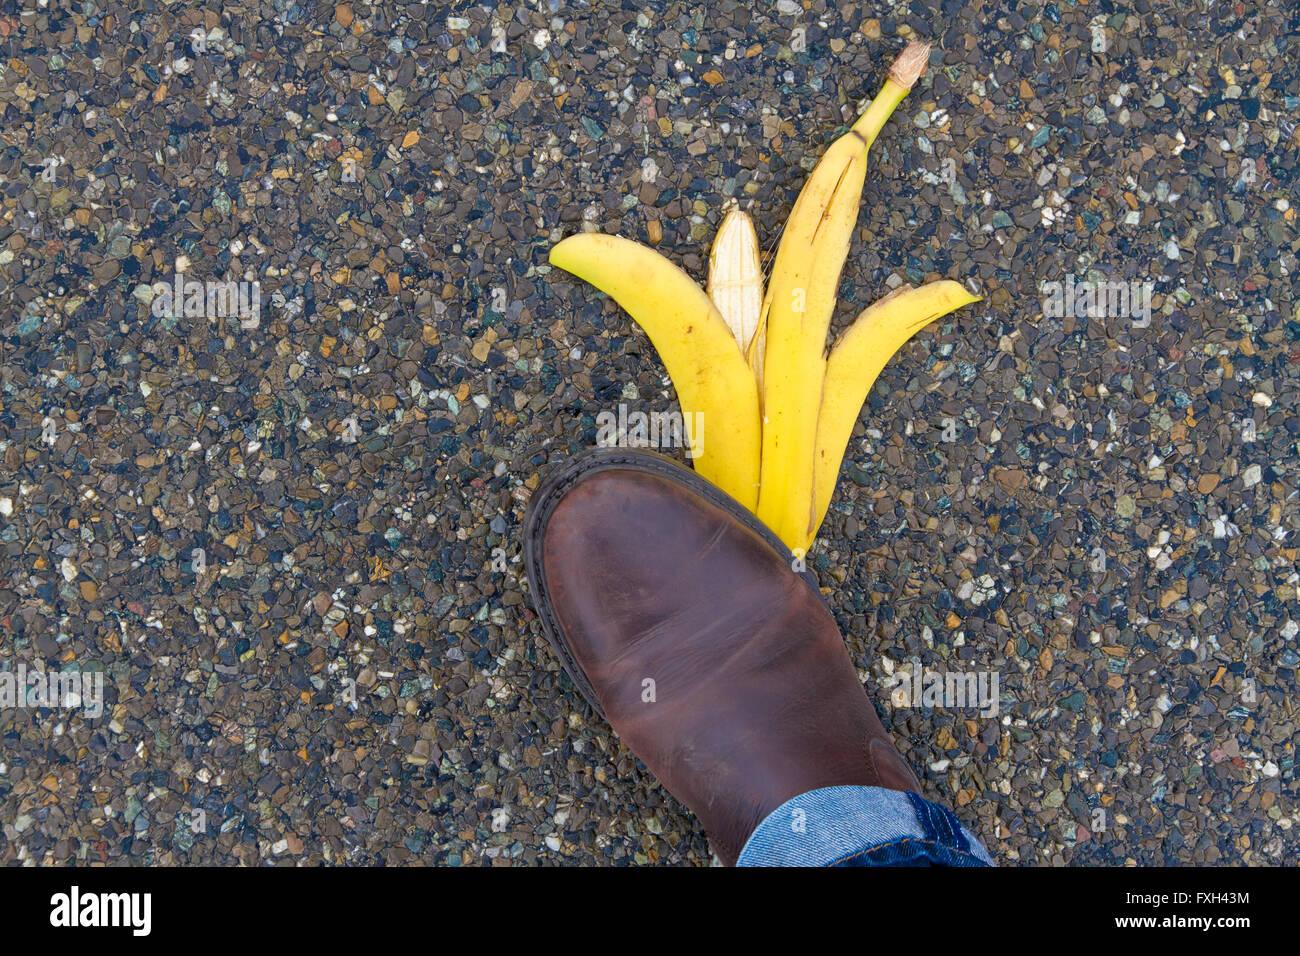 Mann, Ausrutschen und hinfallen auf einer Bananenschale Stockbild